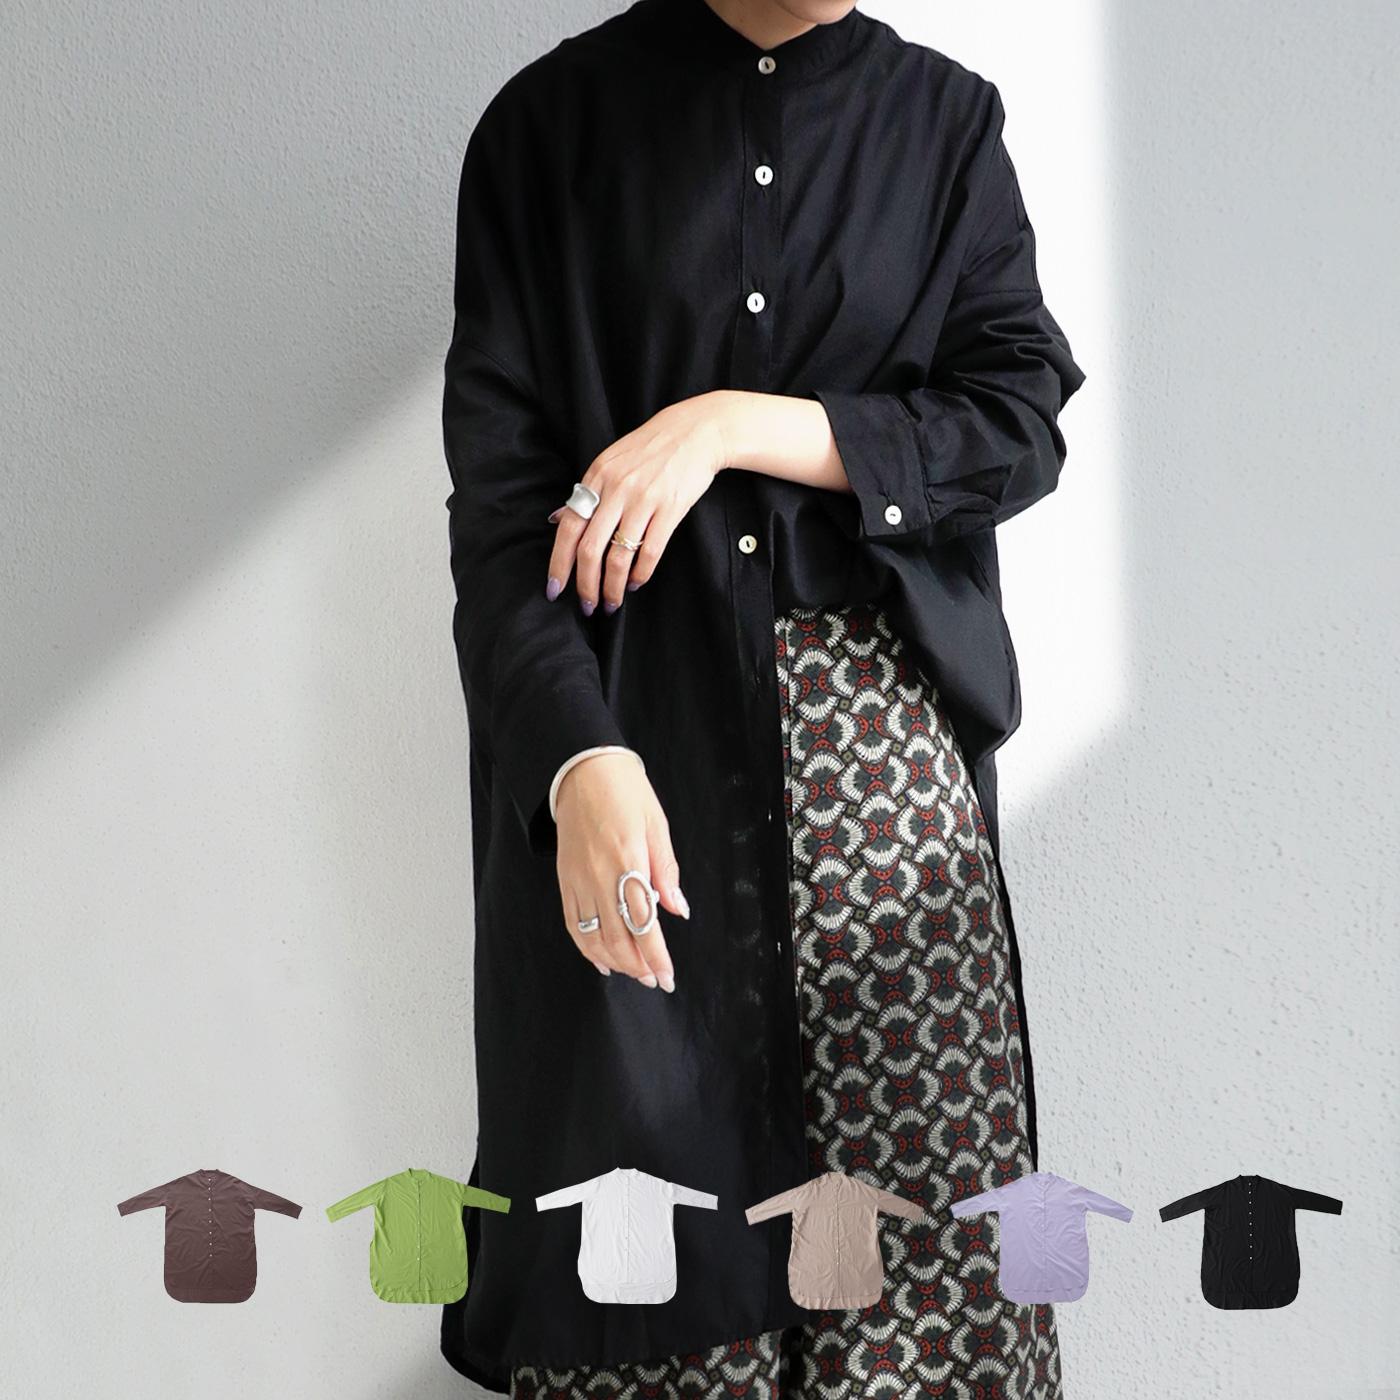 トップス トラスト シャツ 大注目 長袖 レディース 綿 綿100 ロング ロングシャツ スタンドカラーシャツ 再再販 女性らしく コットン メール便不可 カラー マニッシュなえりもとが印象的